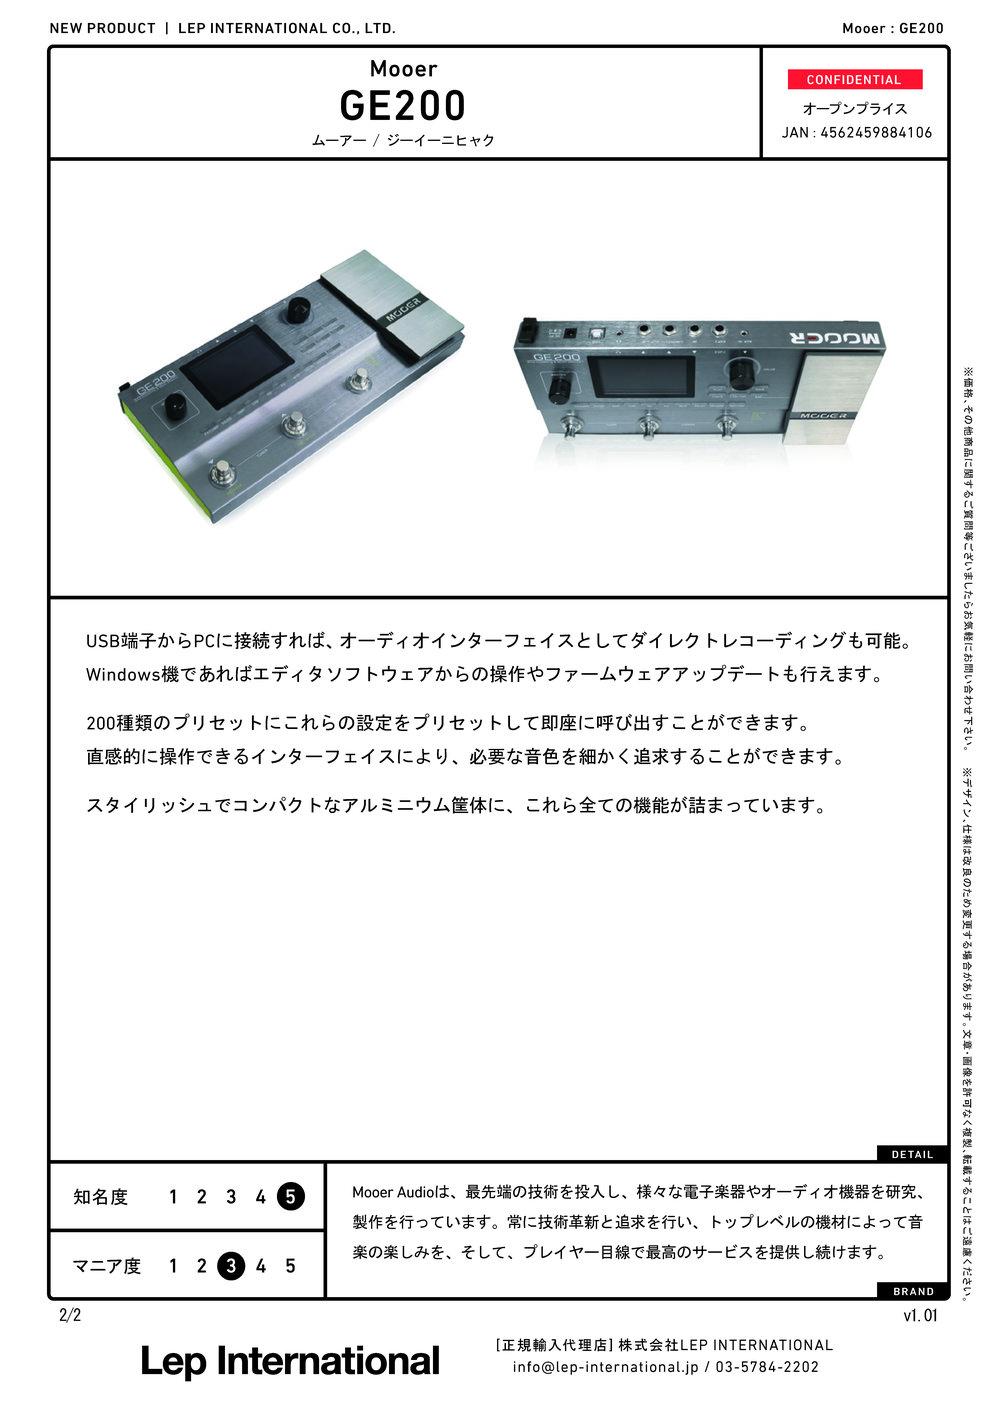 mooer ge200 v1.01_ページ_2.jpg